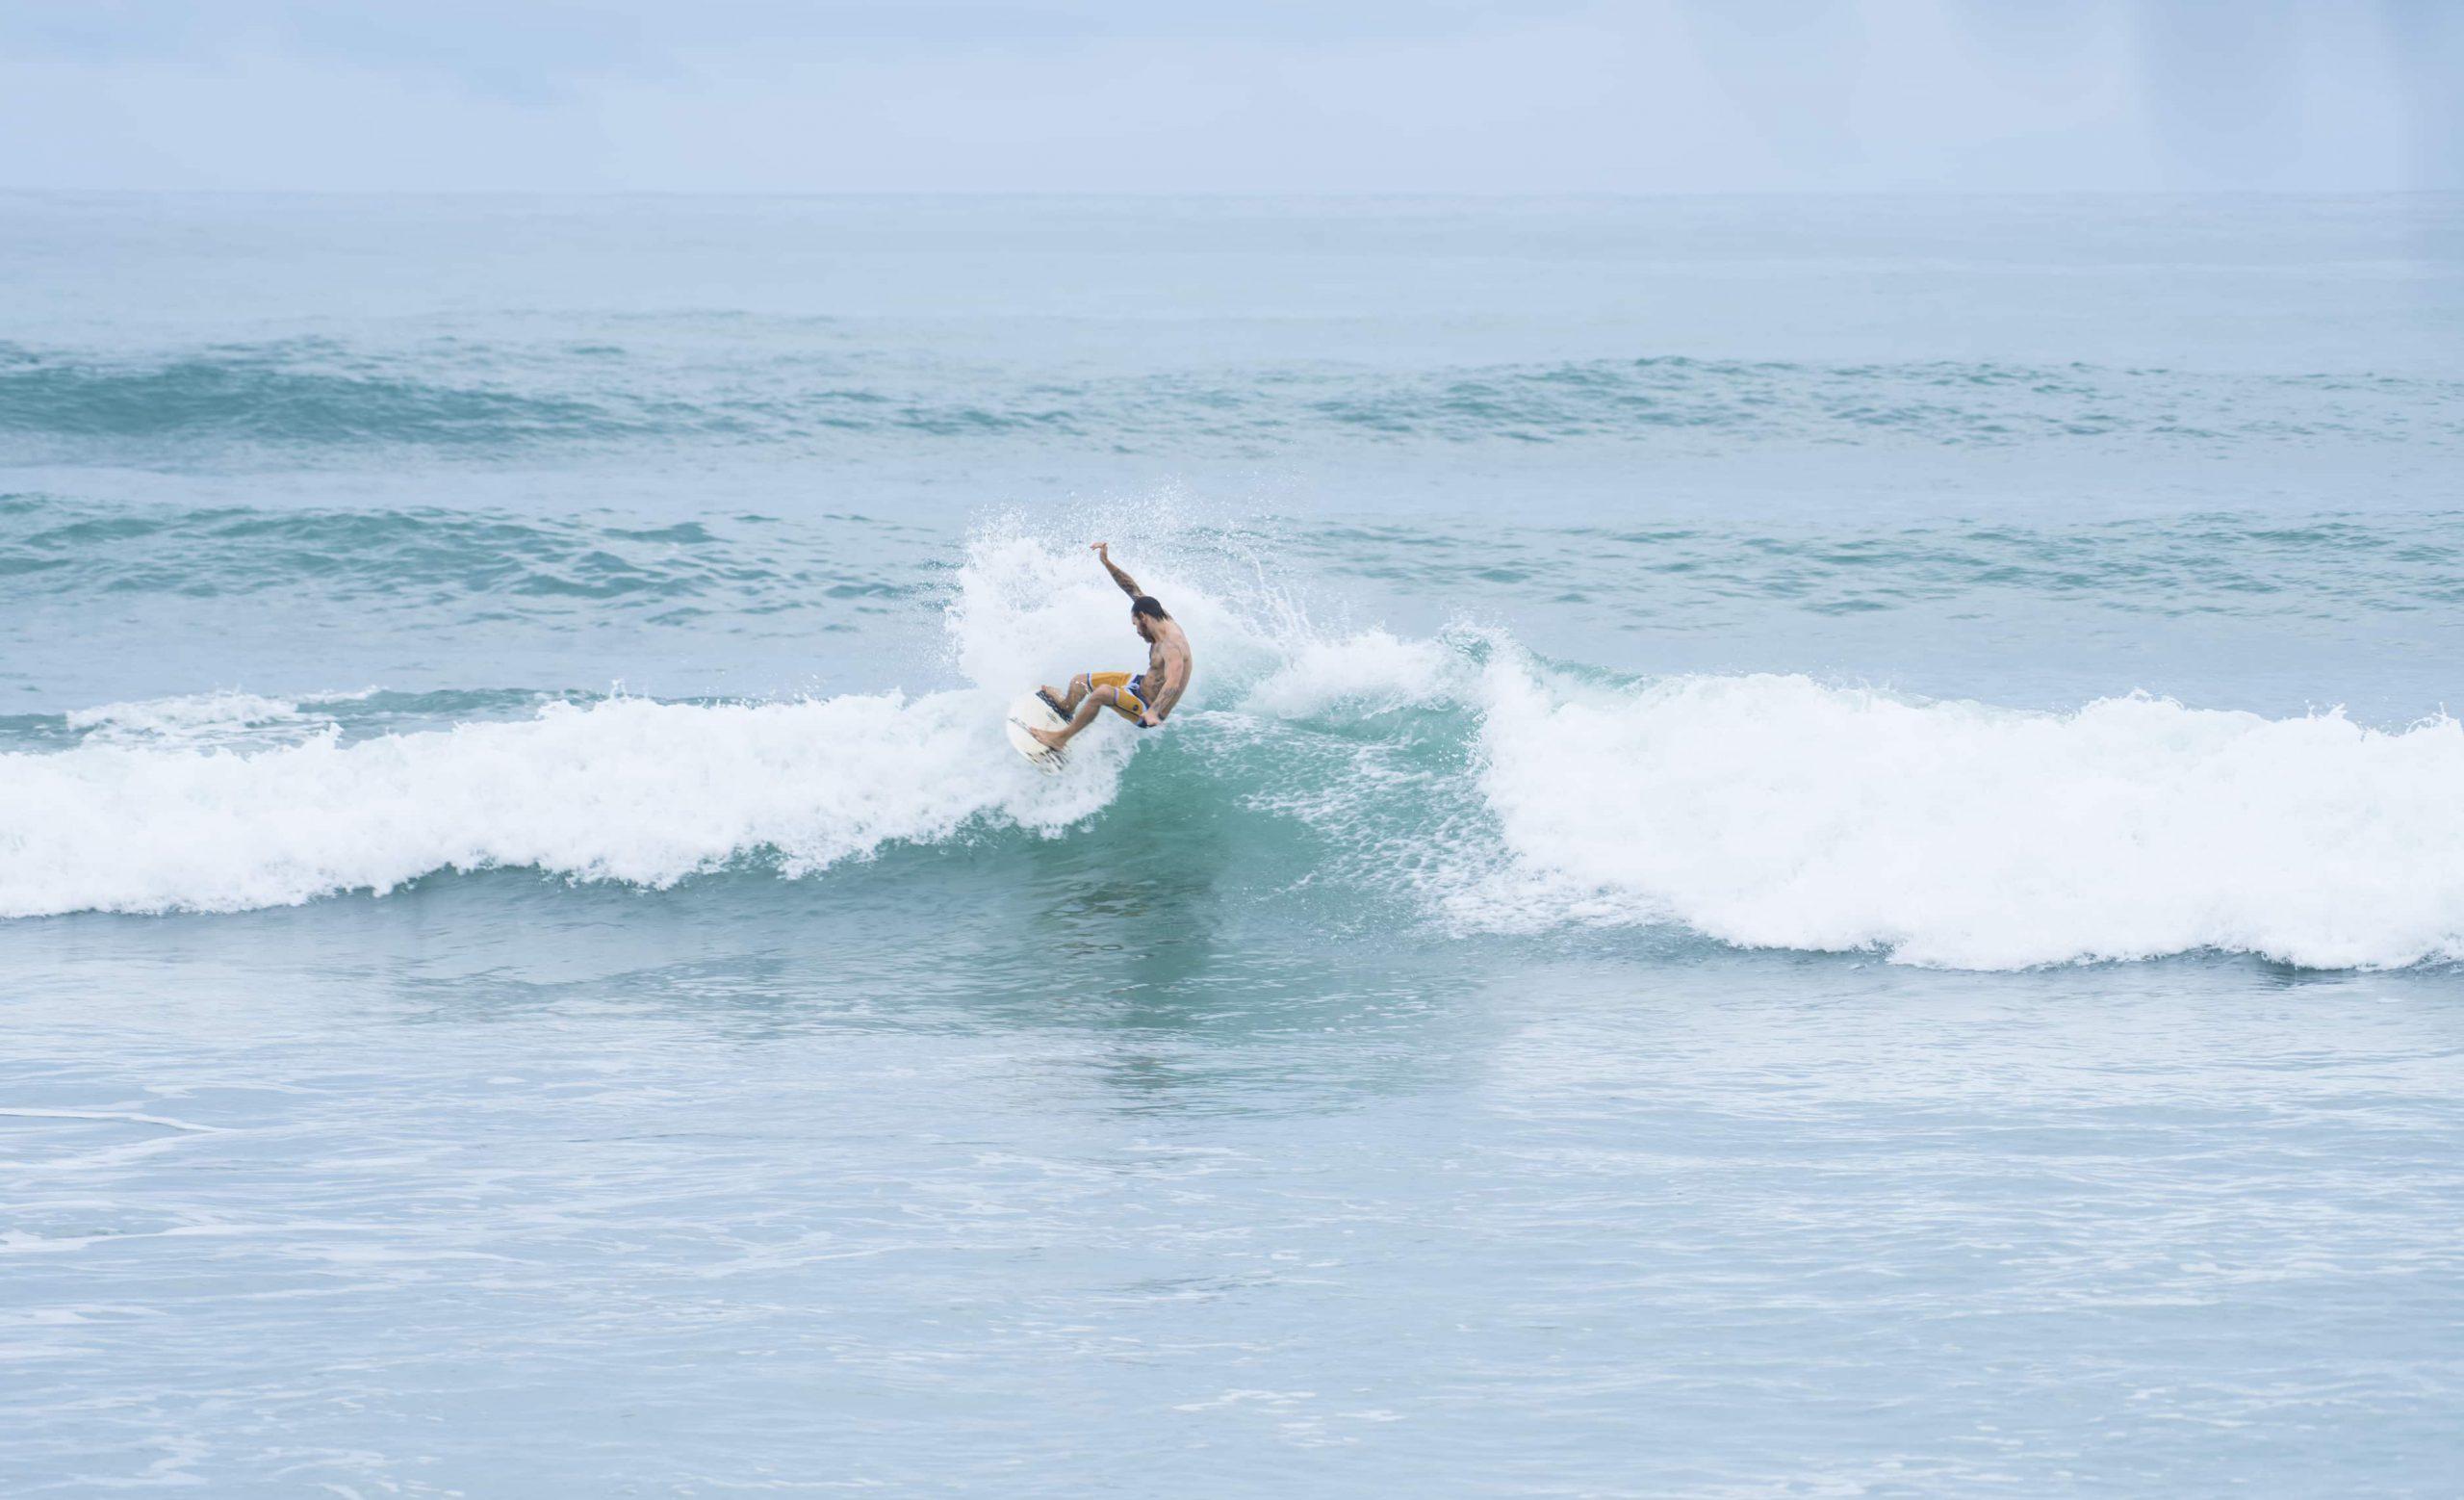 ladd surfing